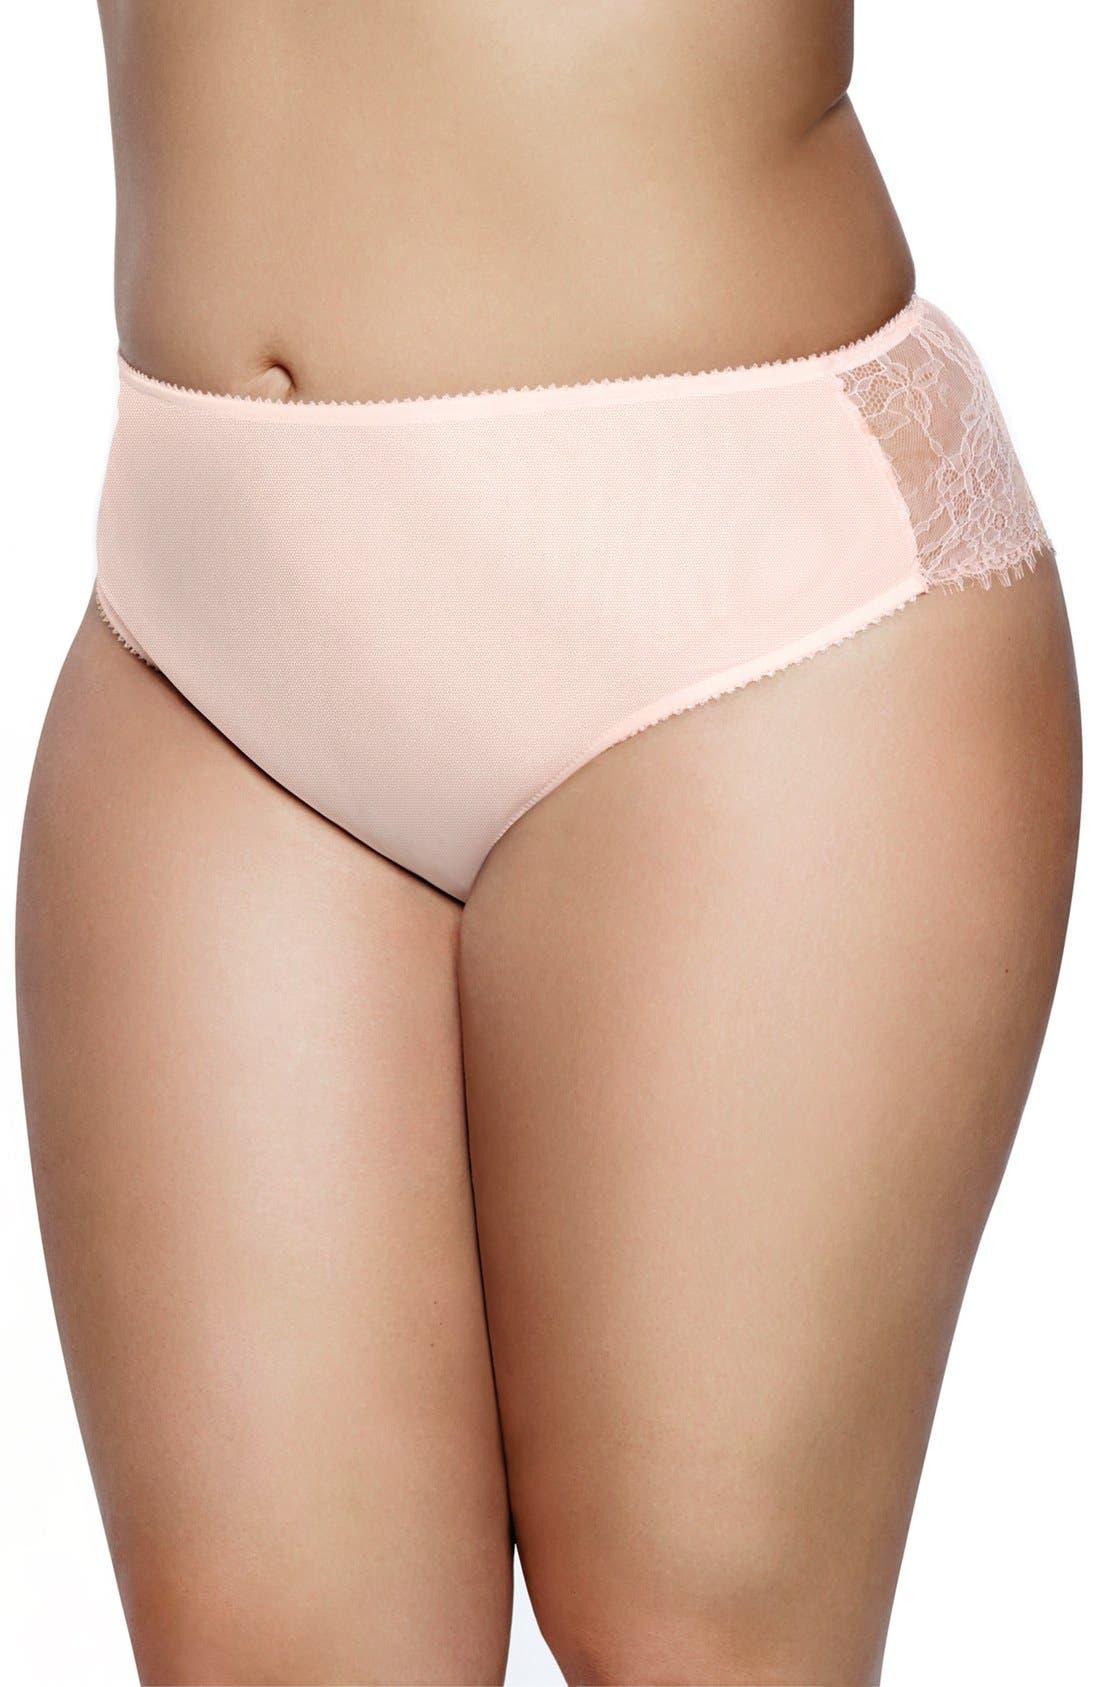 Main Image - Ashley Graham 'Basic' Lace Back Briefs(Plus Size)